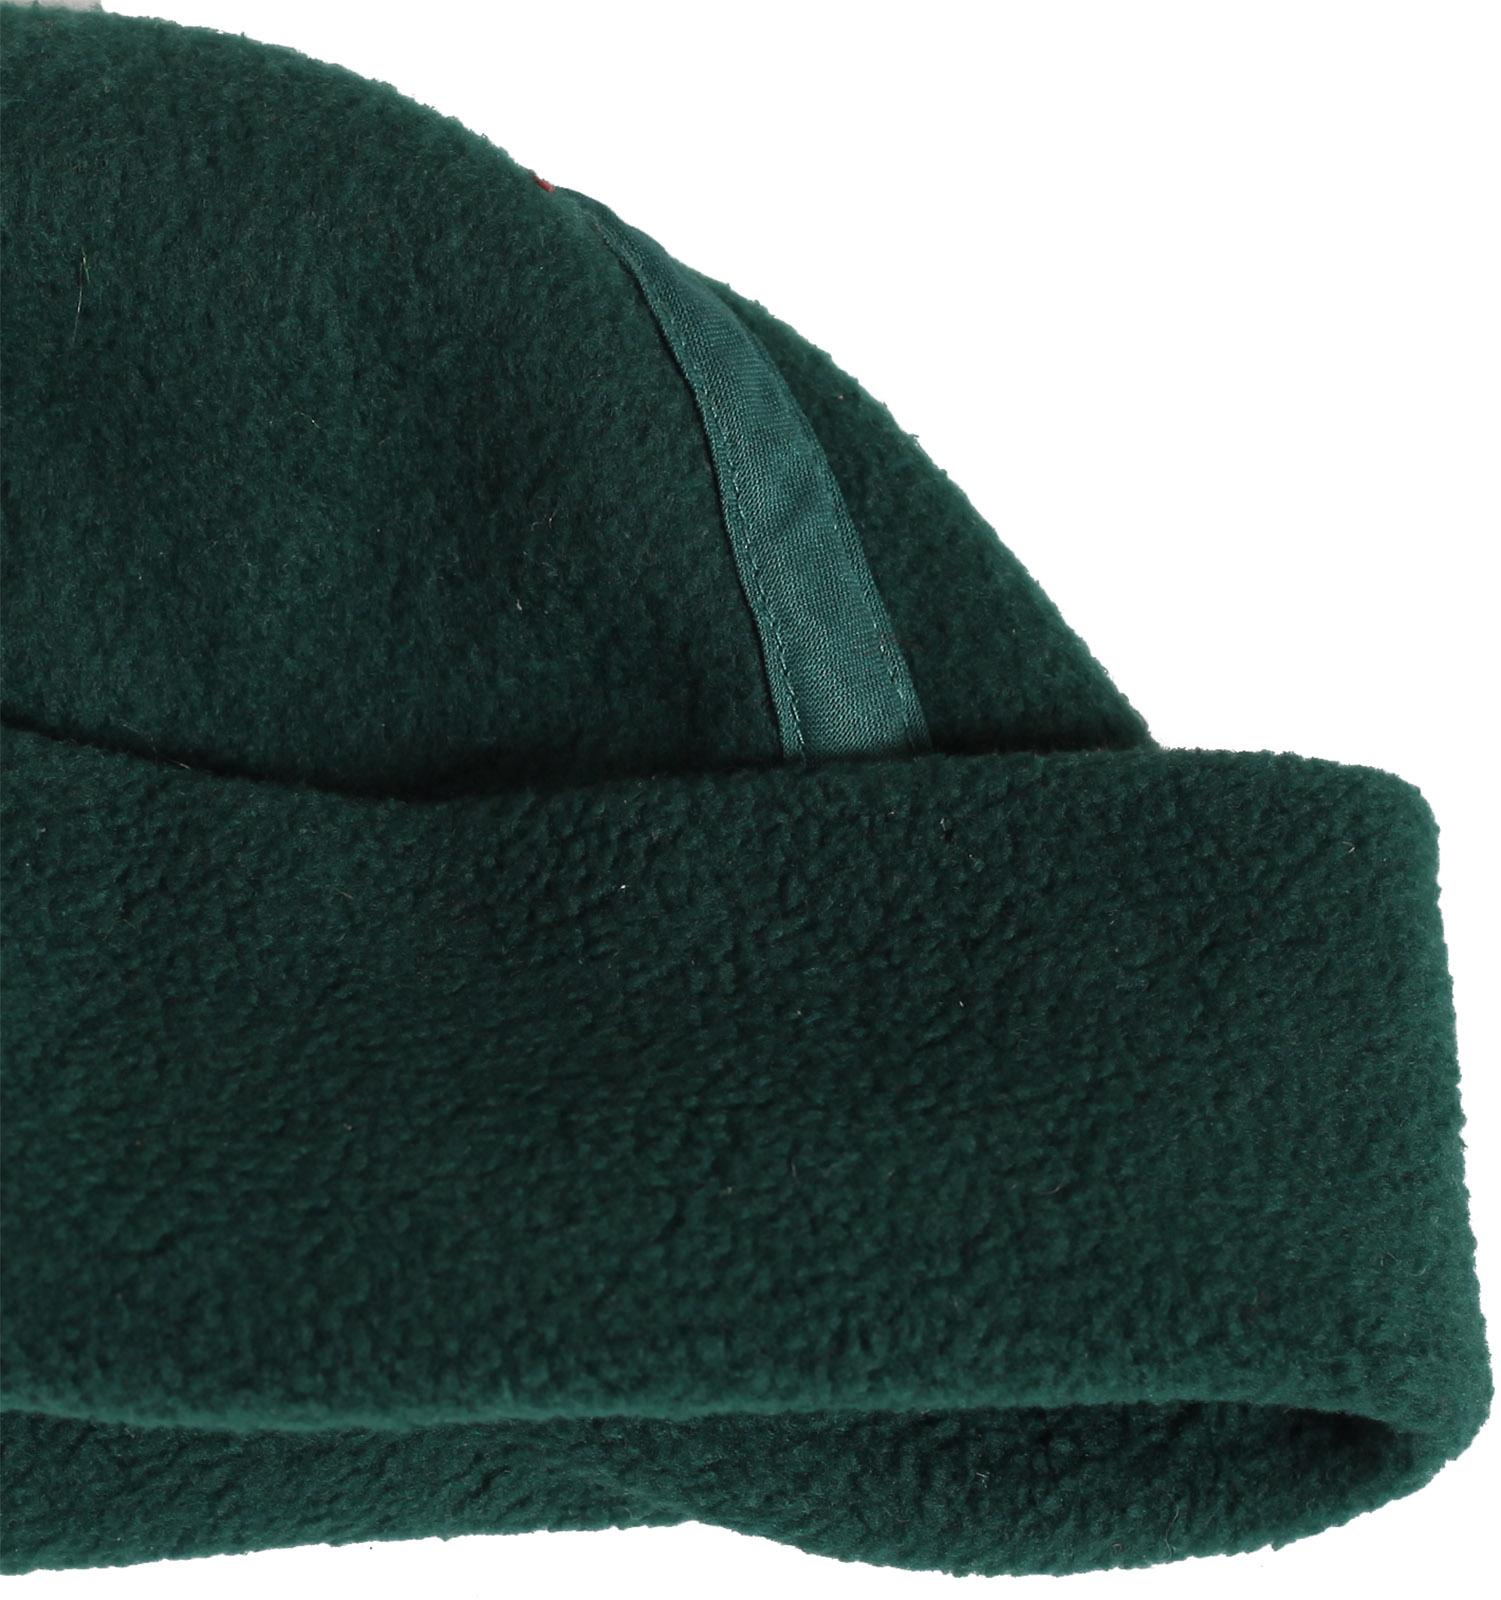 Купить зимнюю флисовую мужскую шапку Travis Perkins с отворотом по лучшей цене